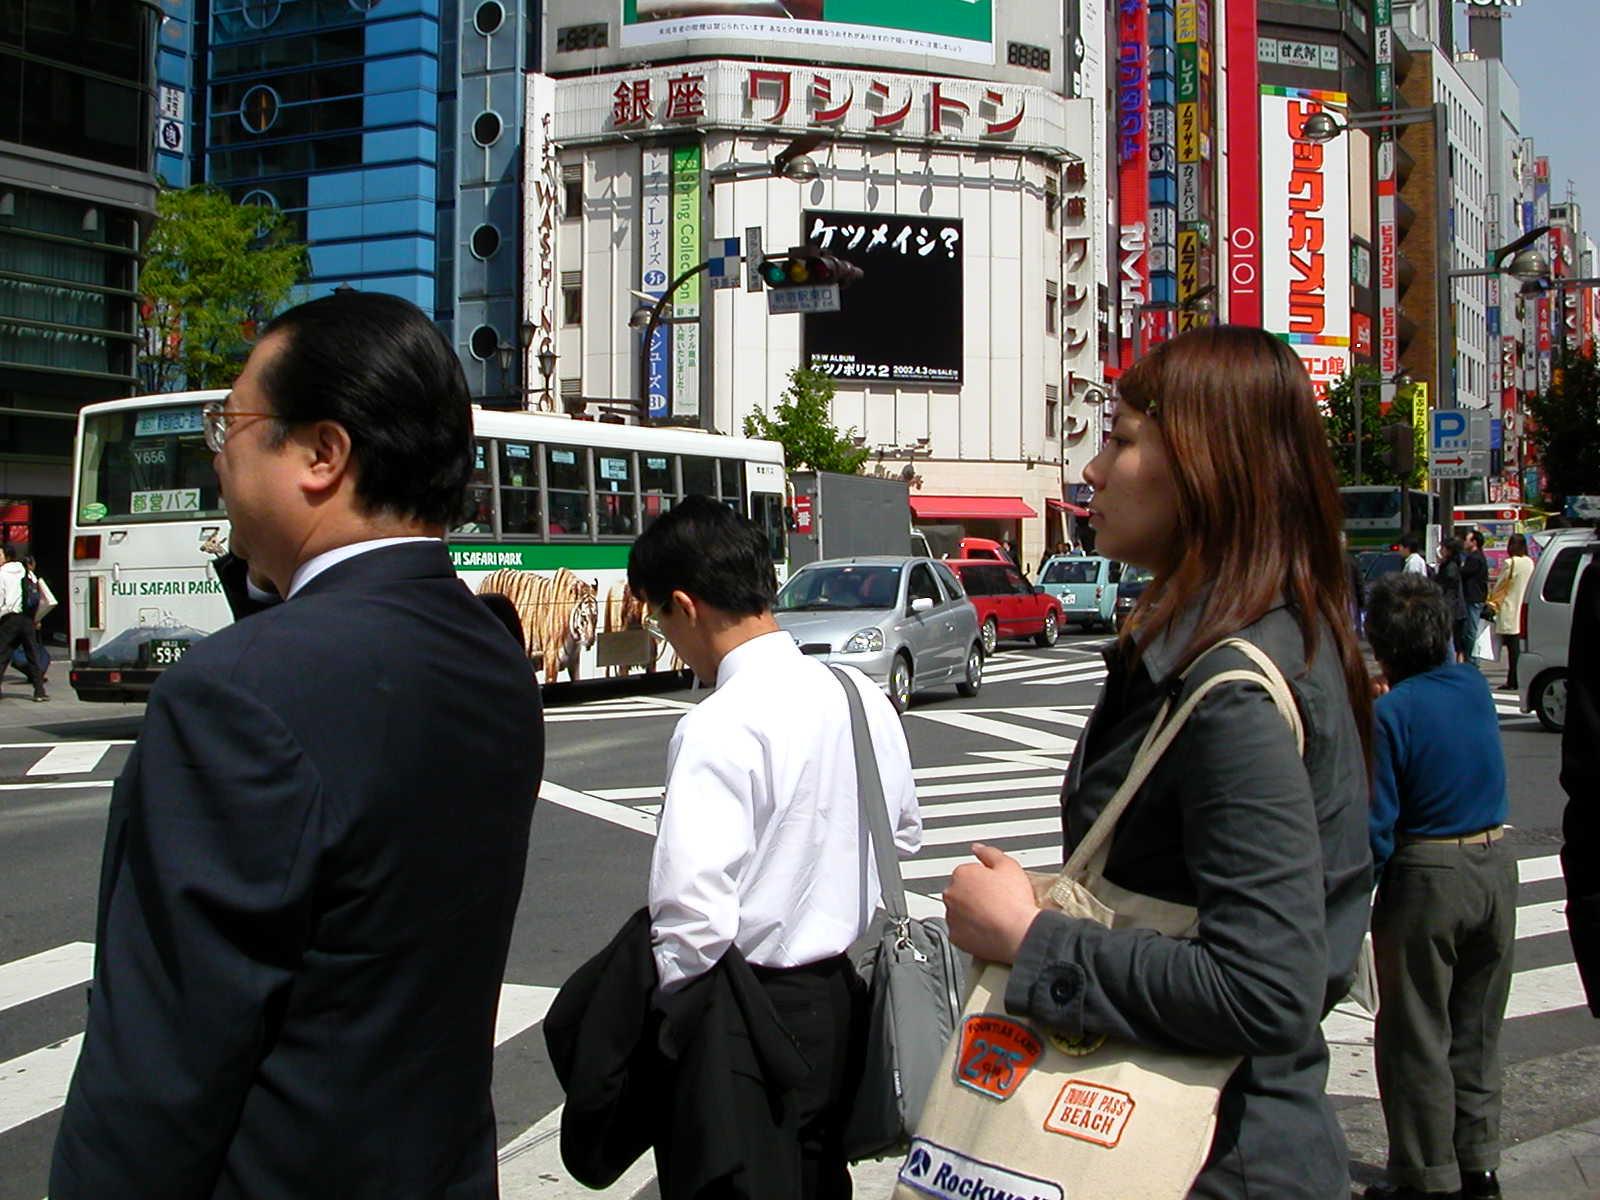 Shinjuku street near Kabukicho